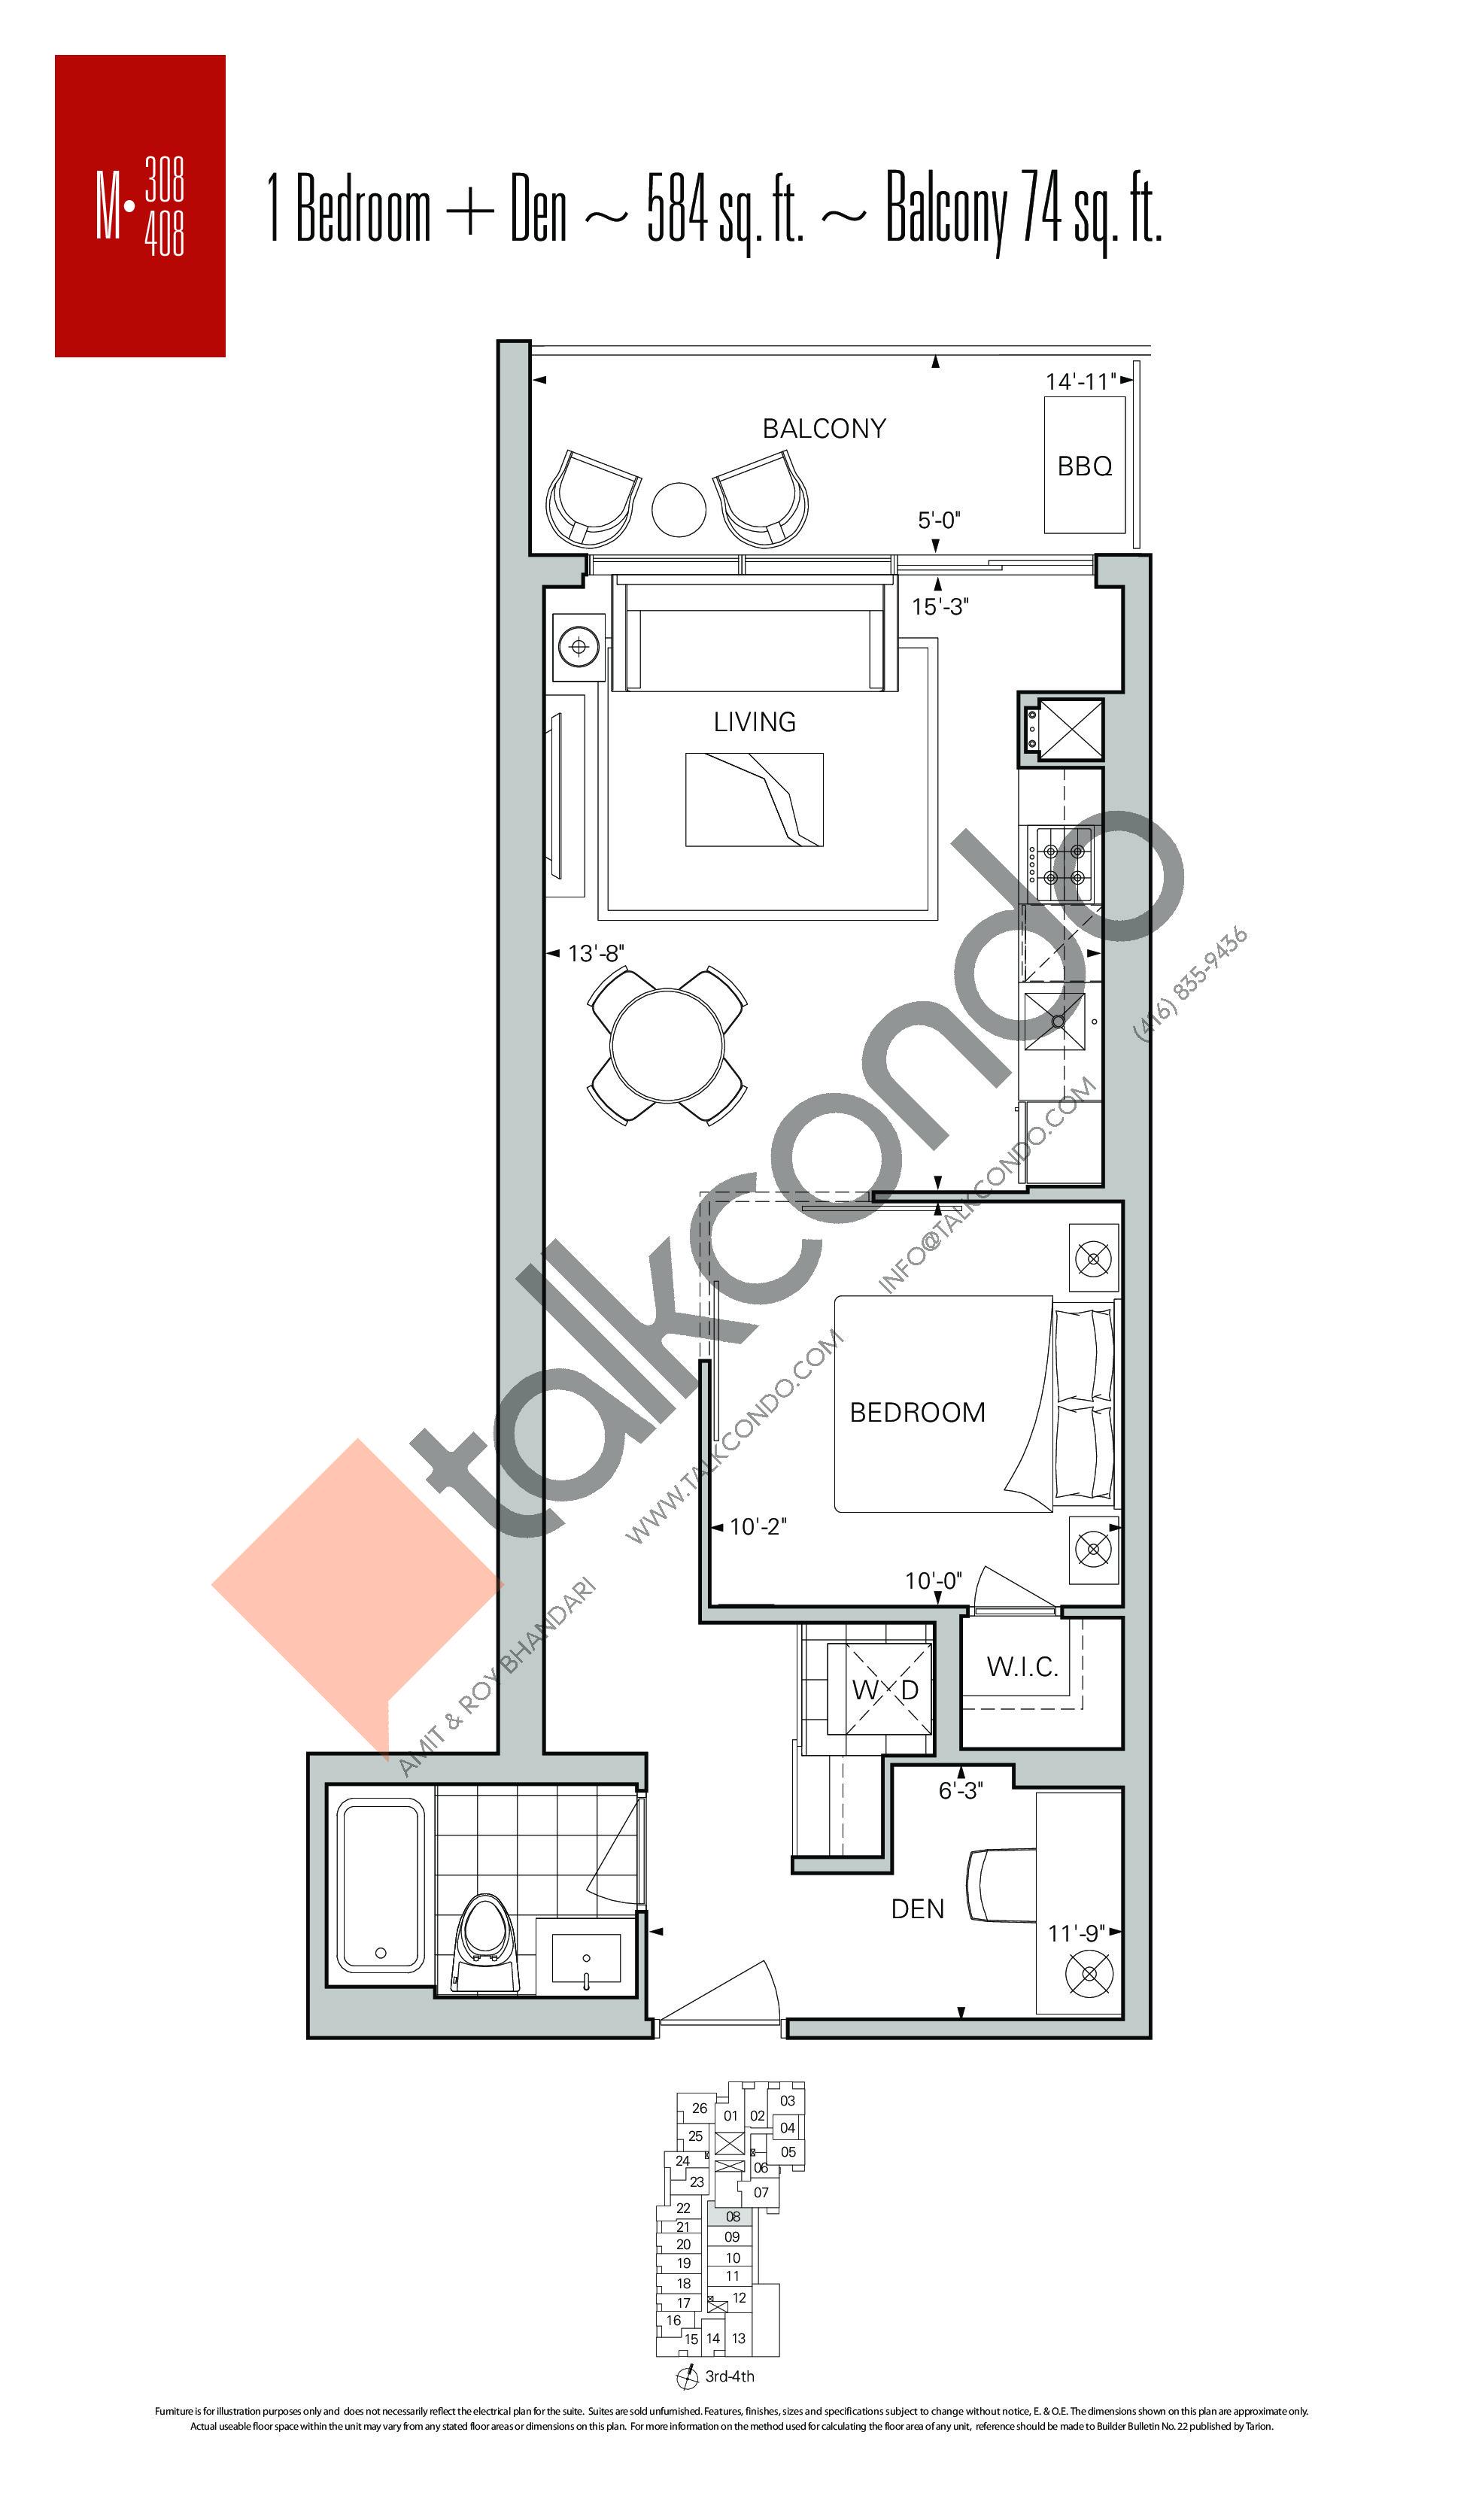 M-308 | M-408 Floor Plan at Rise Condos - 584 sq.ft